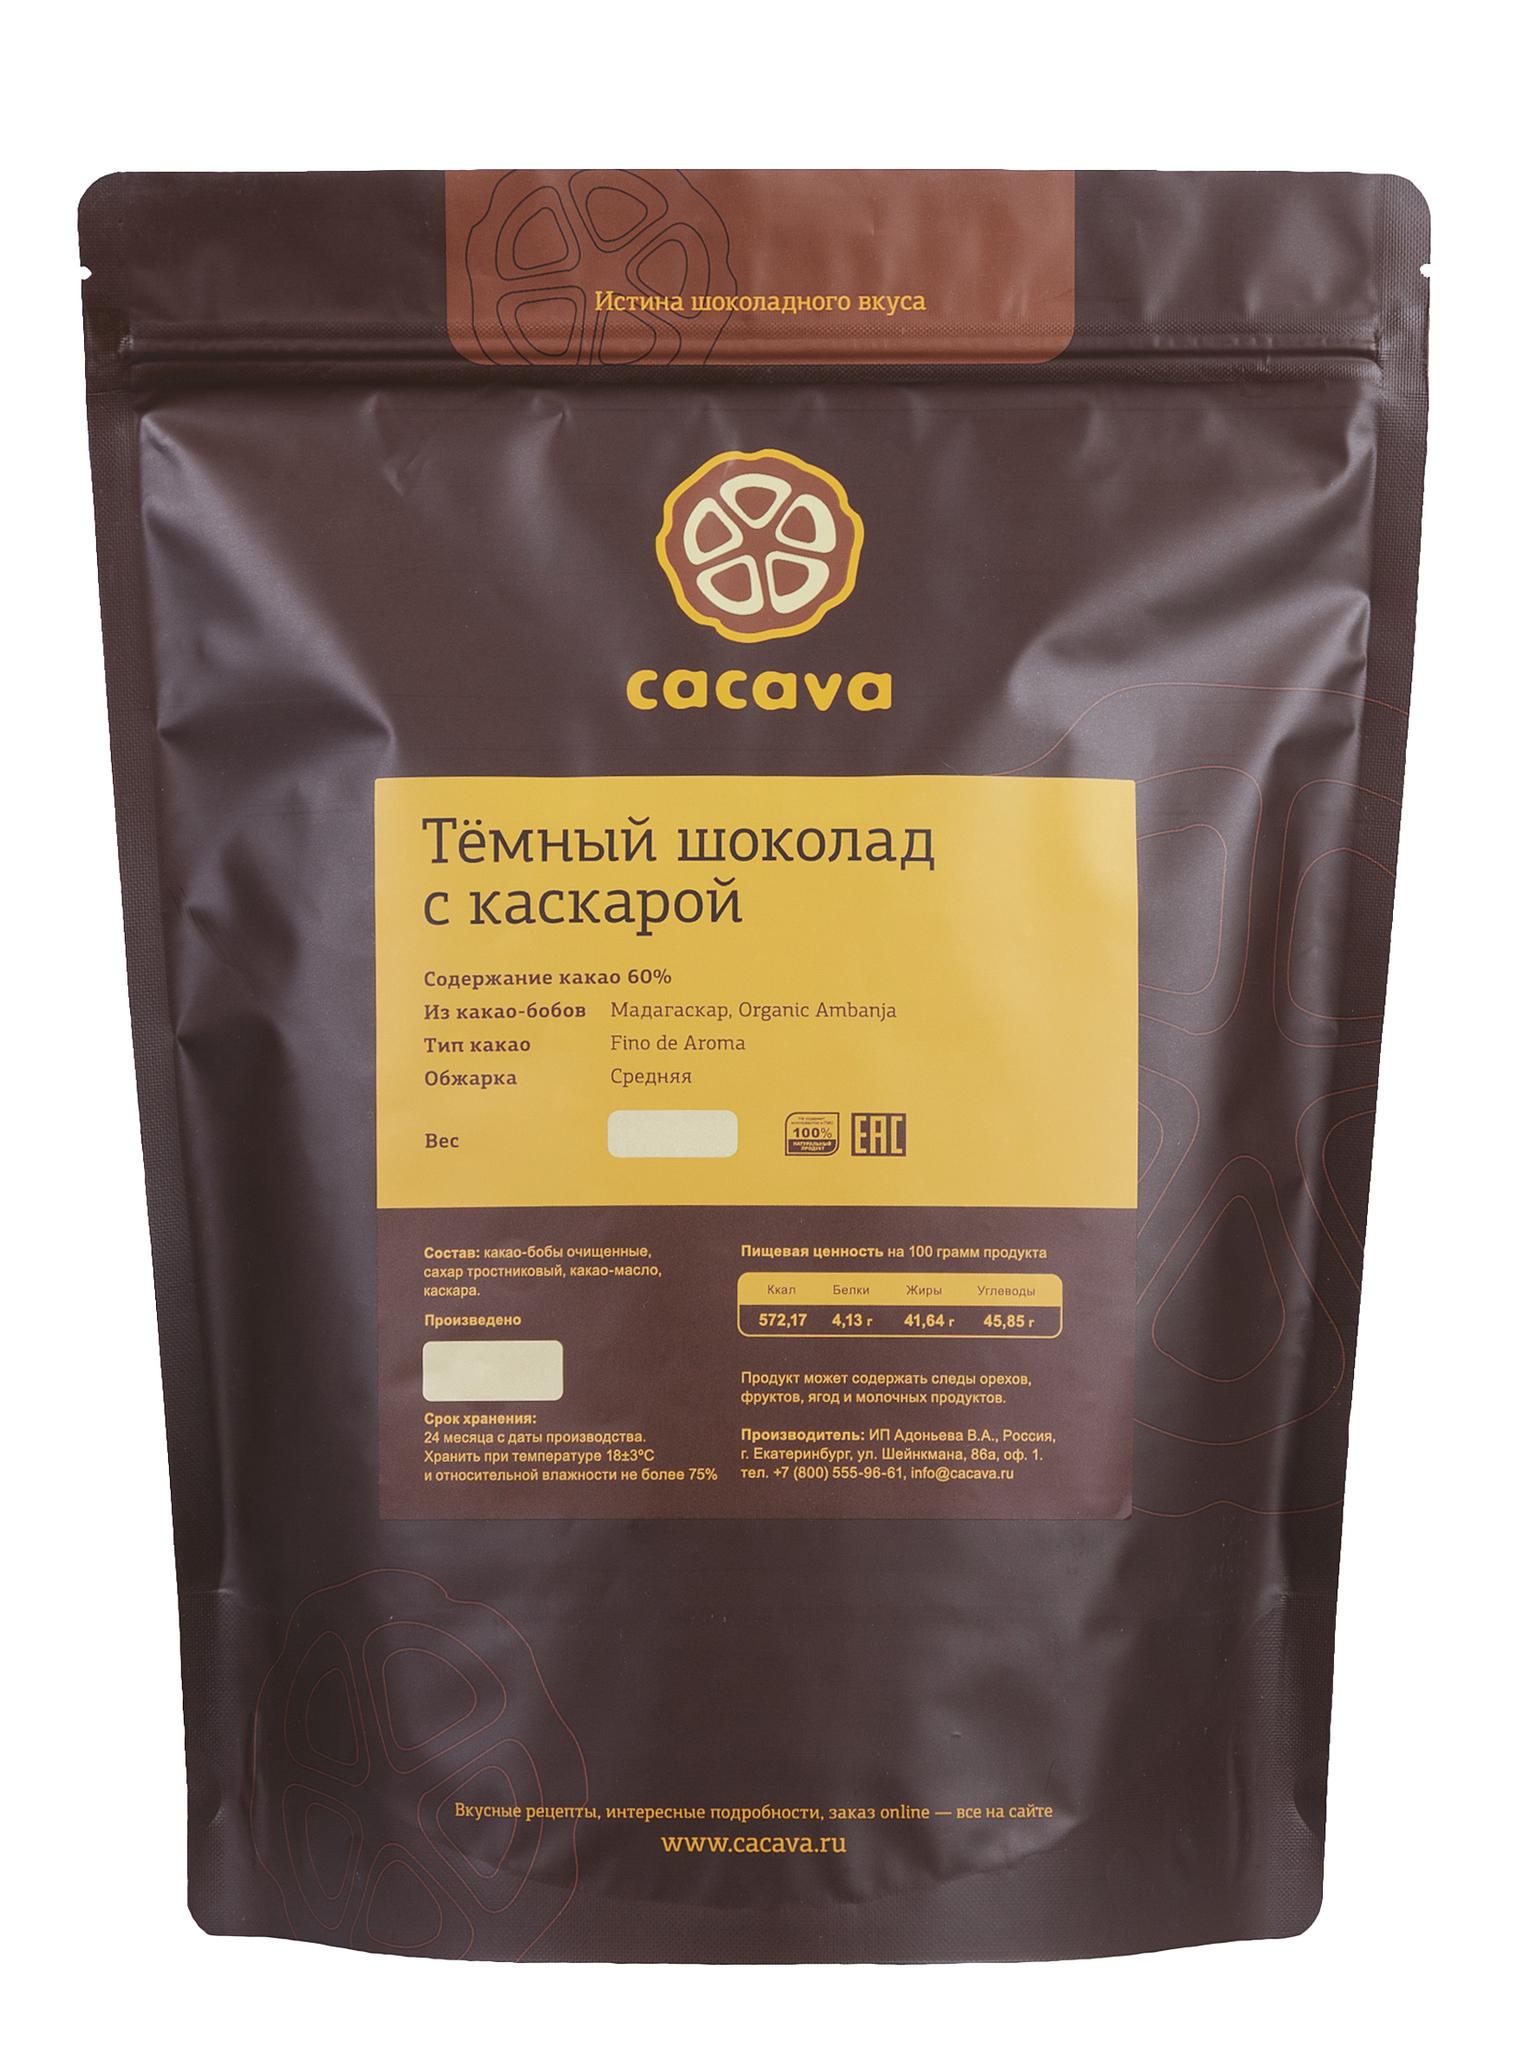 Тёмный шоколад с каскарой 60 % какао (Мадагаскар), упаковка 1 кг